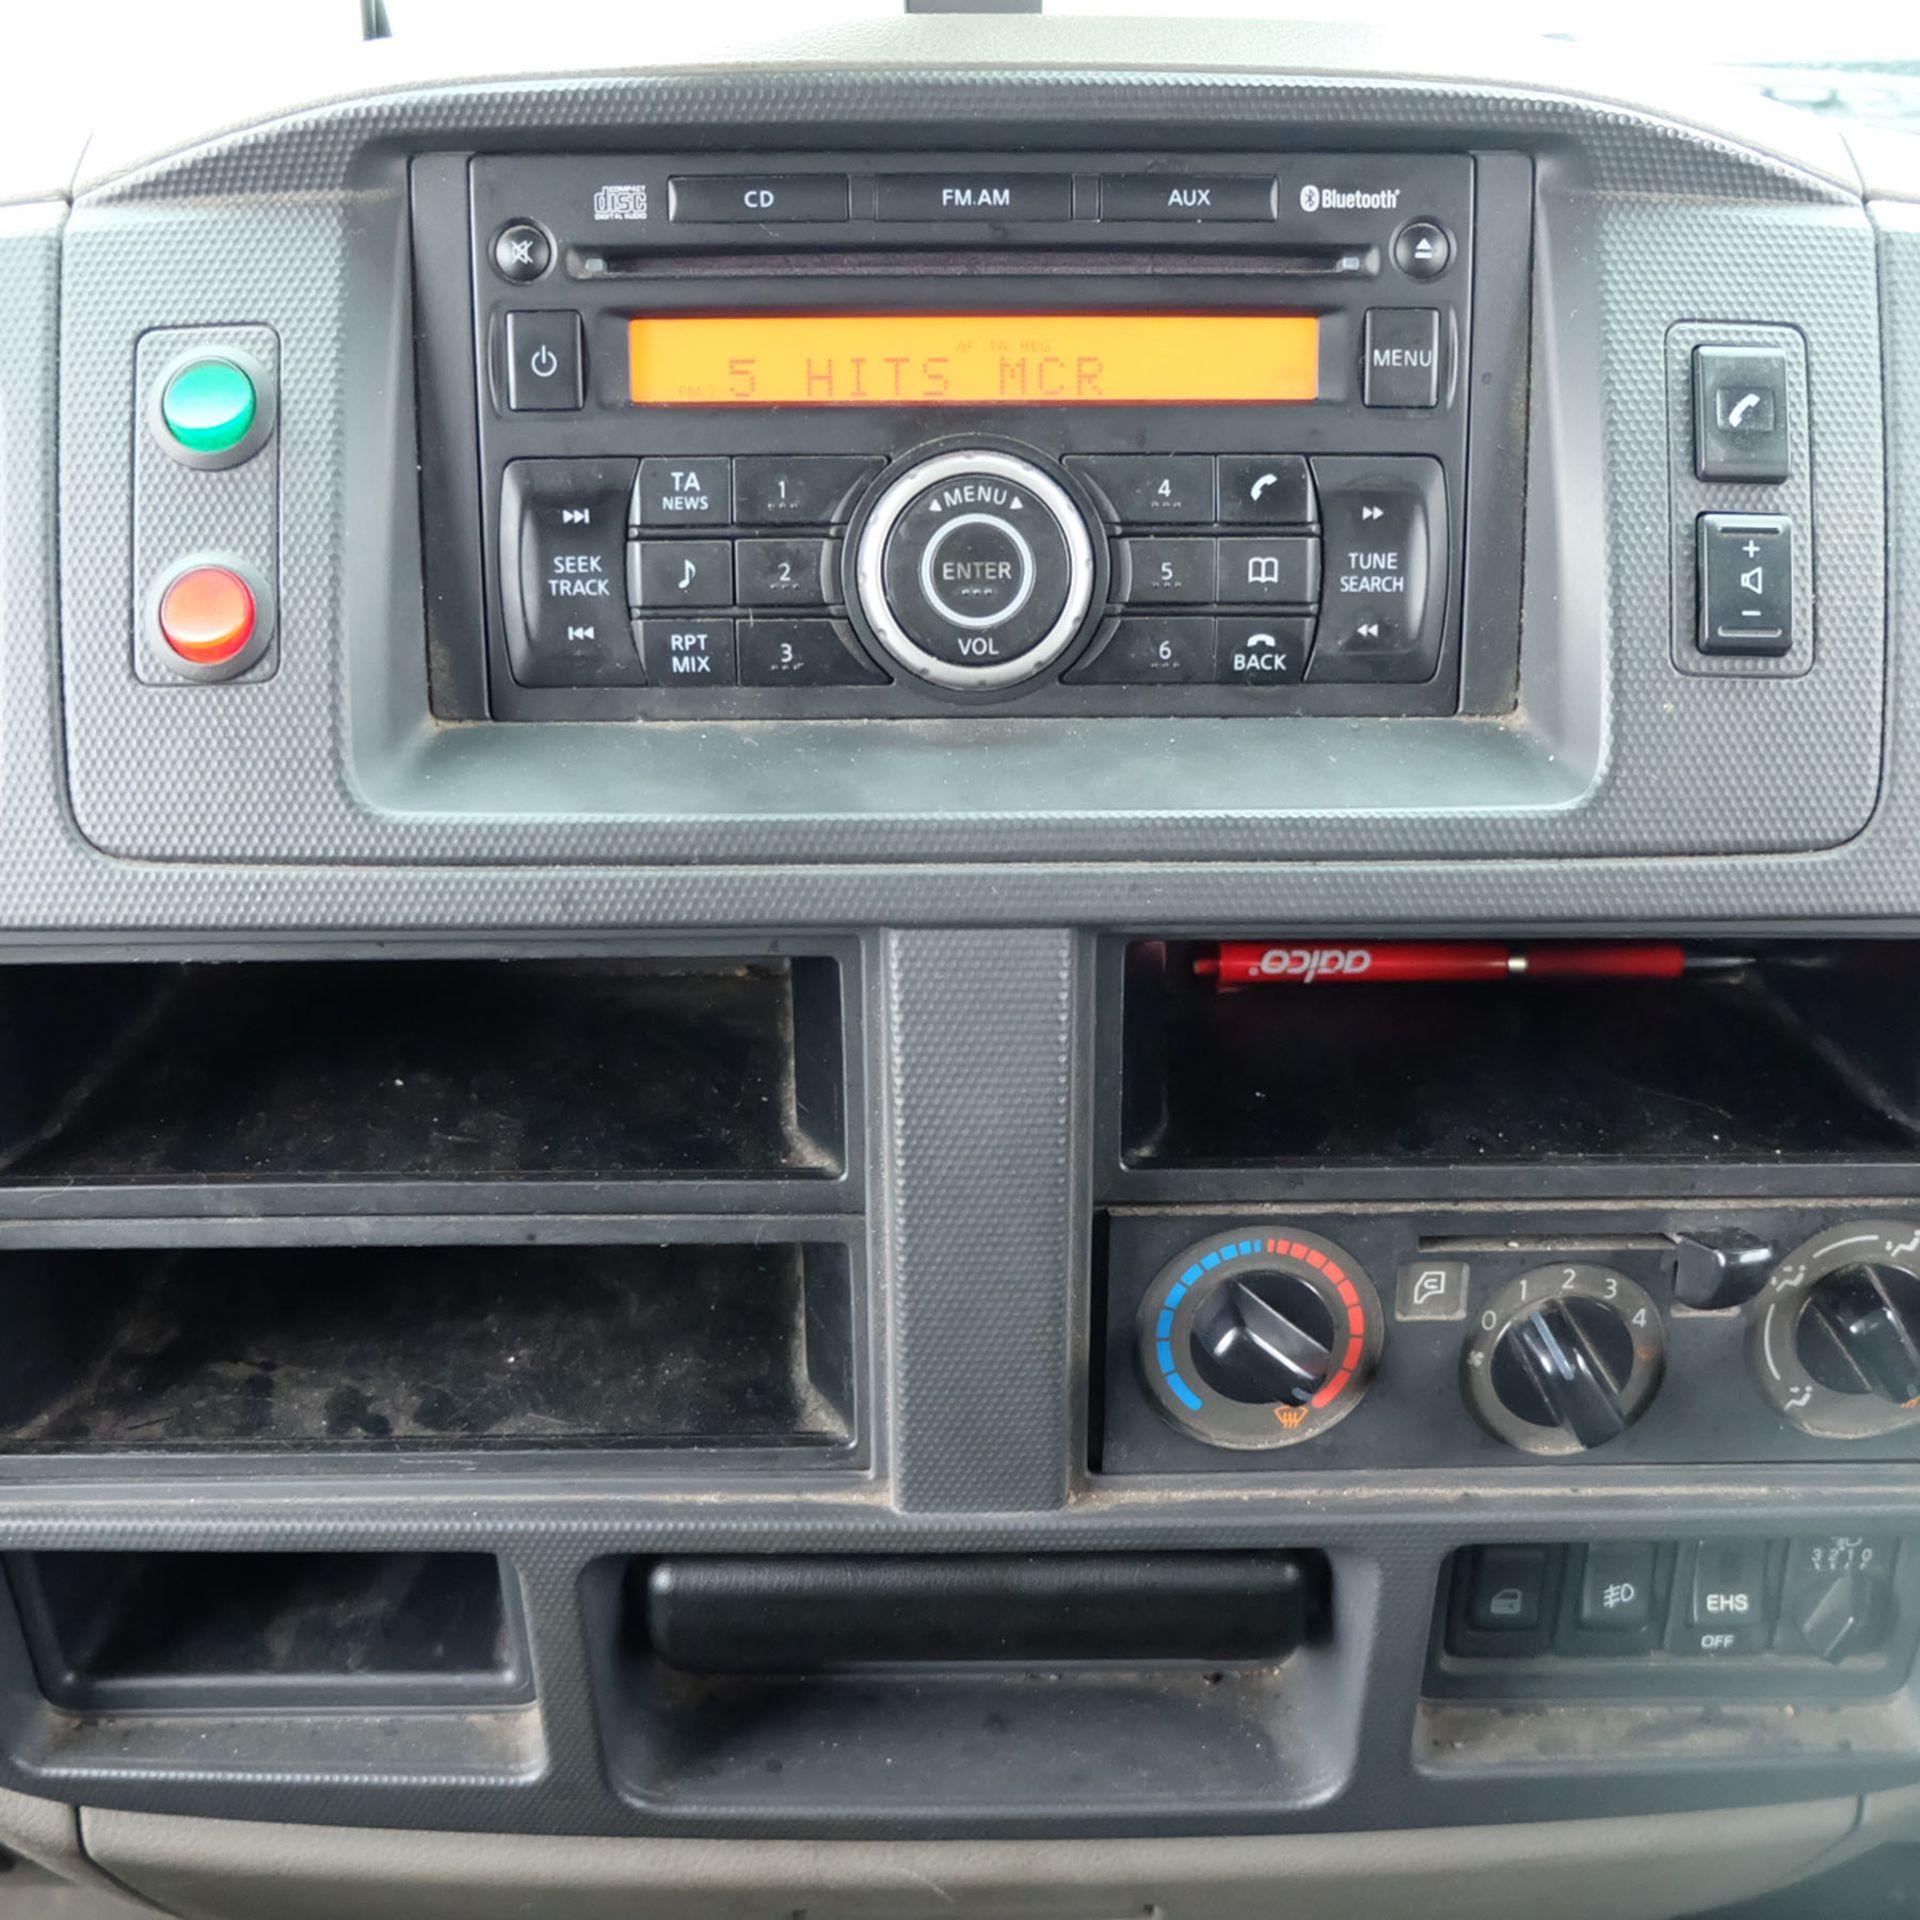 NISSAN CABSTAR 35.14 Rigid Bodied Curtain Truck. 3500KG Gross Weight. Sat Nav, Reversing Camera. - Image 10 of 14